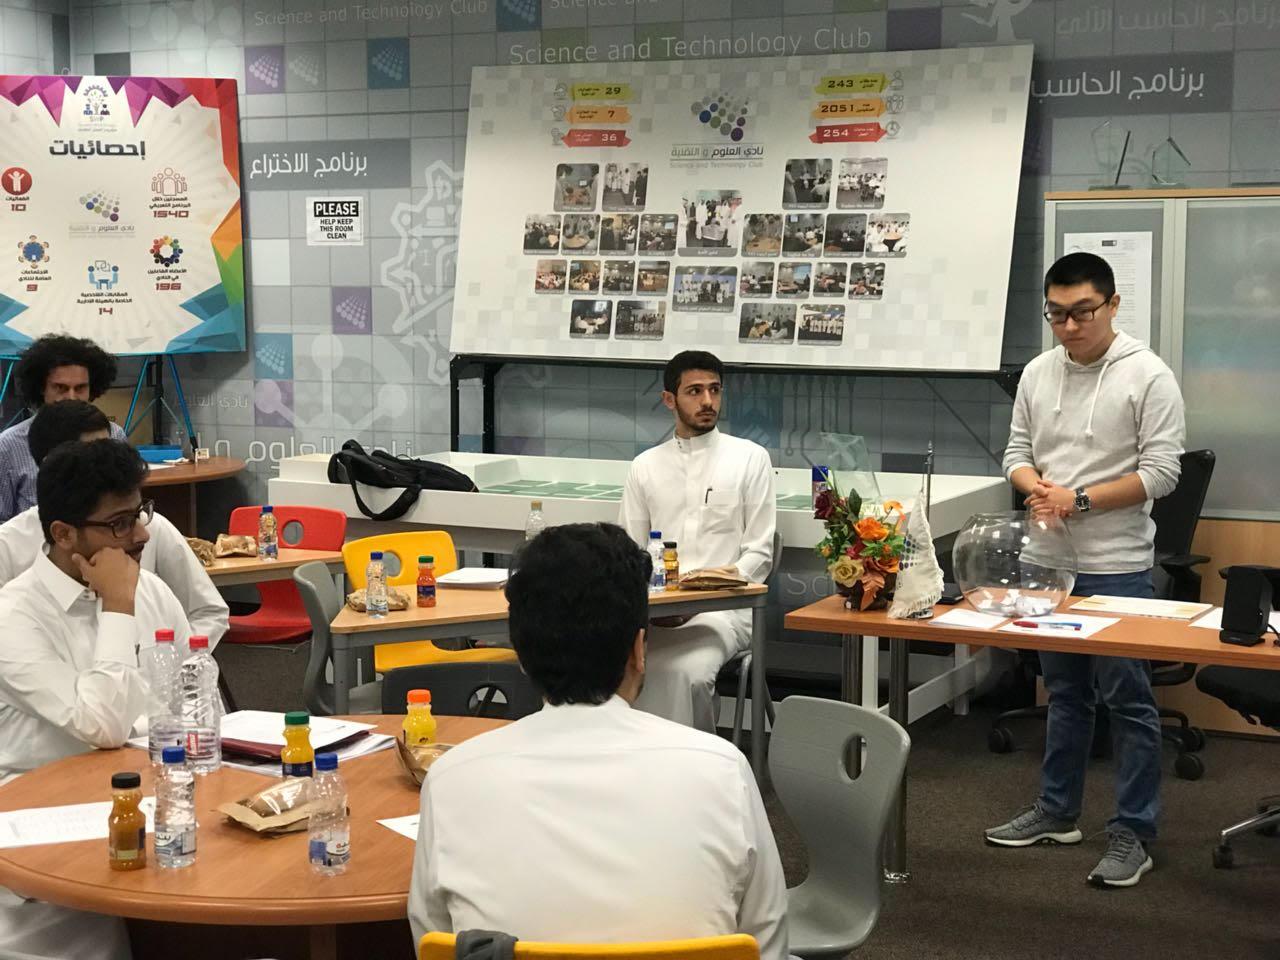 السنة الأولى المشتركة تقيم دورة بعنوان (اساسيات اللغة الصينية)